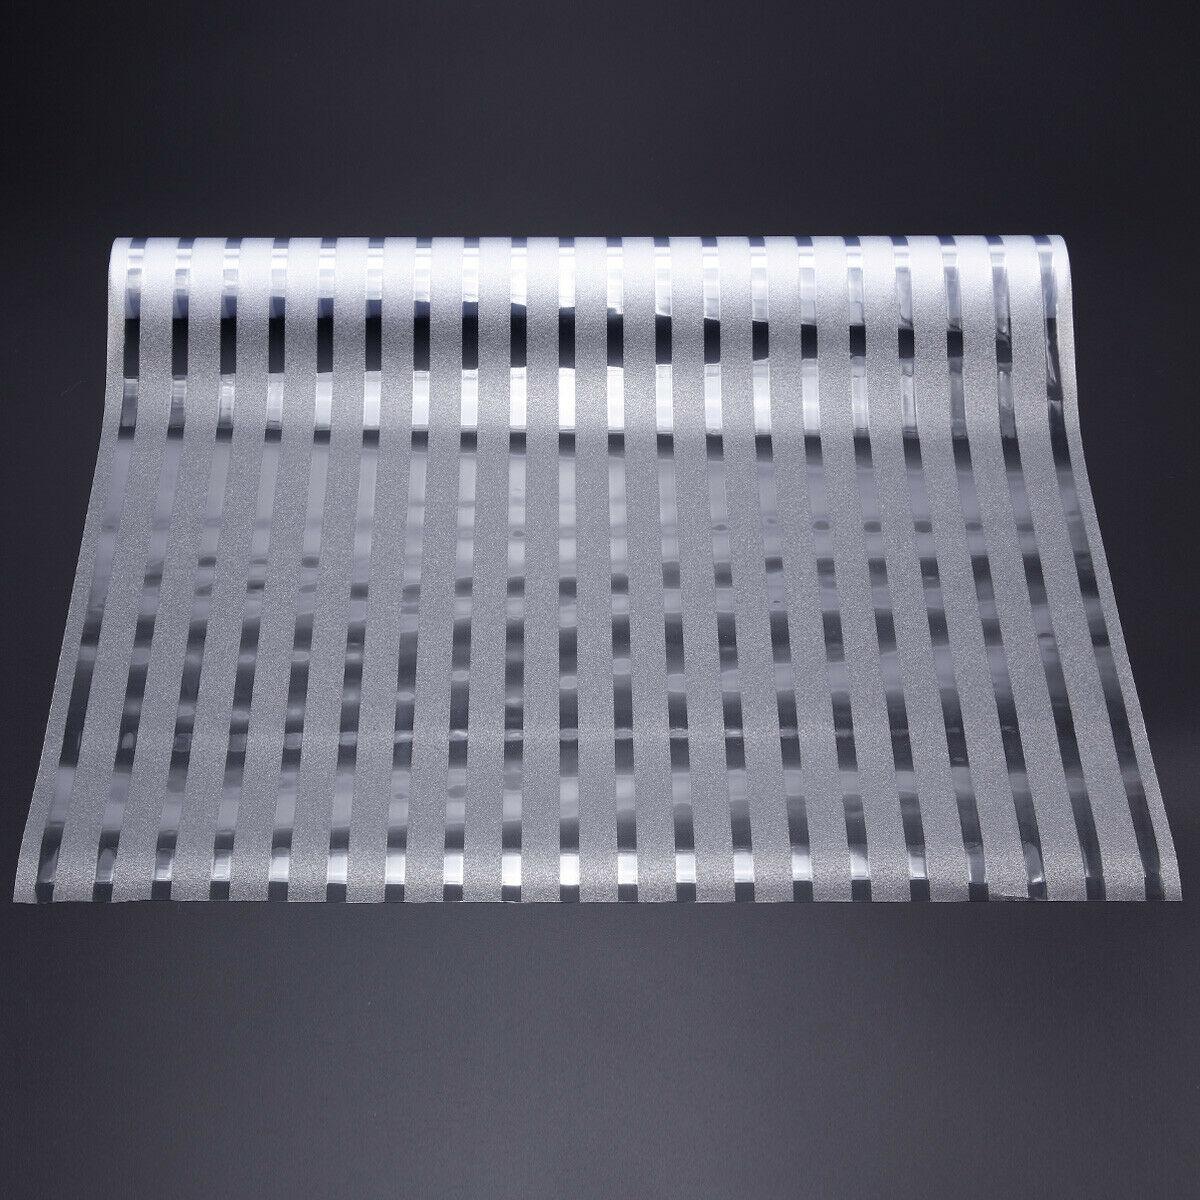 Full Size of Sichtschutzfolie Fenster Einseitig Durchsichtig Glas Folien Mehr Als 10000 Angebote Sonnenschutz Rollos Ohne Bohren Maße Bodentiefe Fototapete Schüco Kaufen Fenster Sichtschutzfolie Fenster Einseitig Durchsichtig